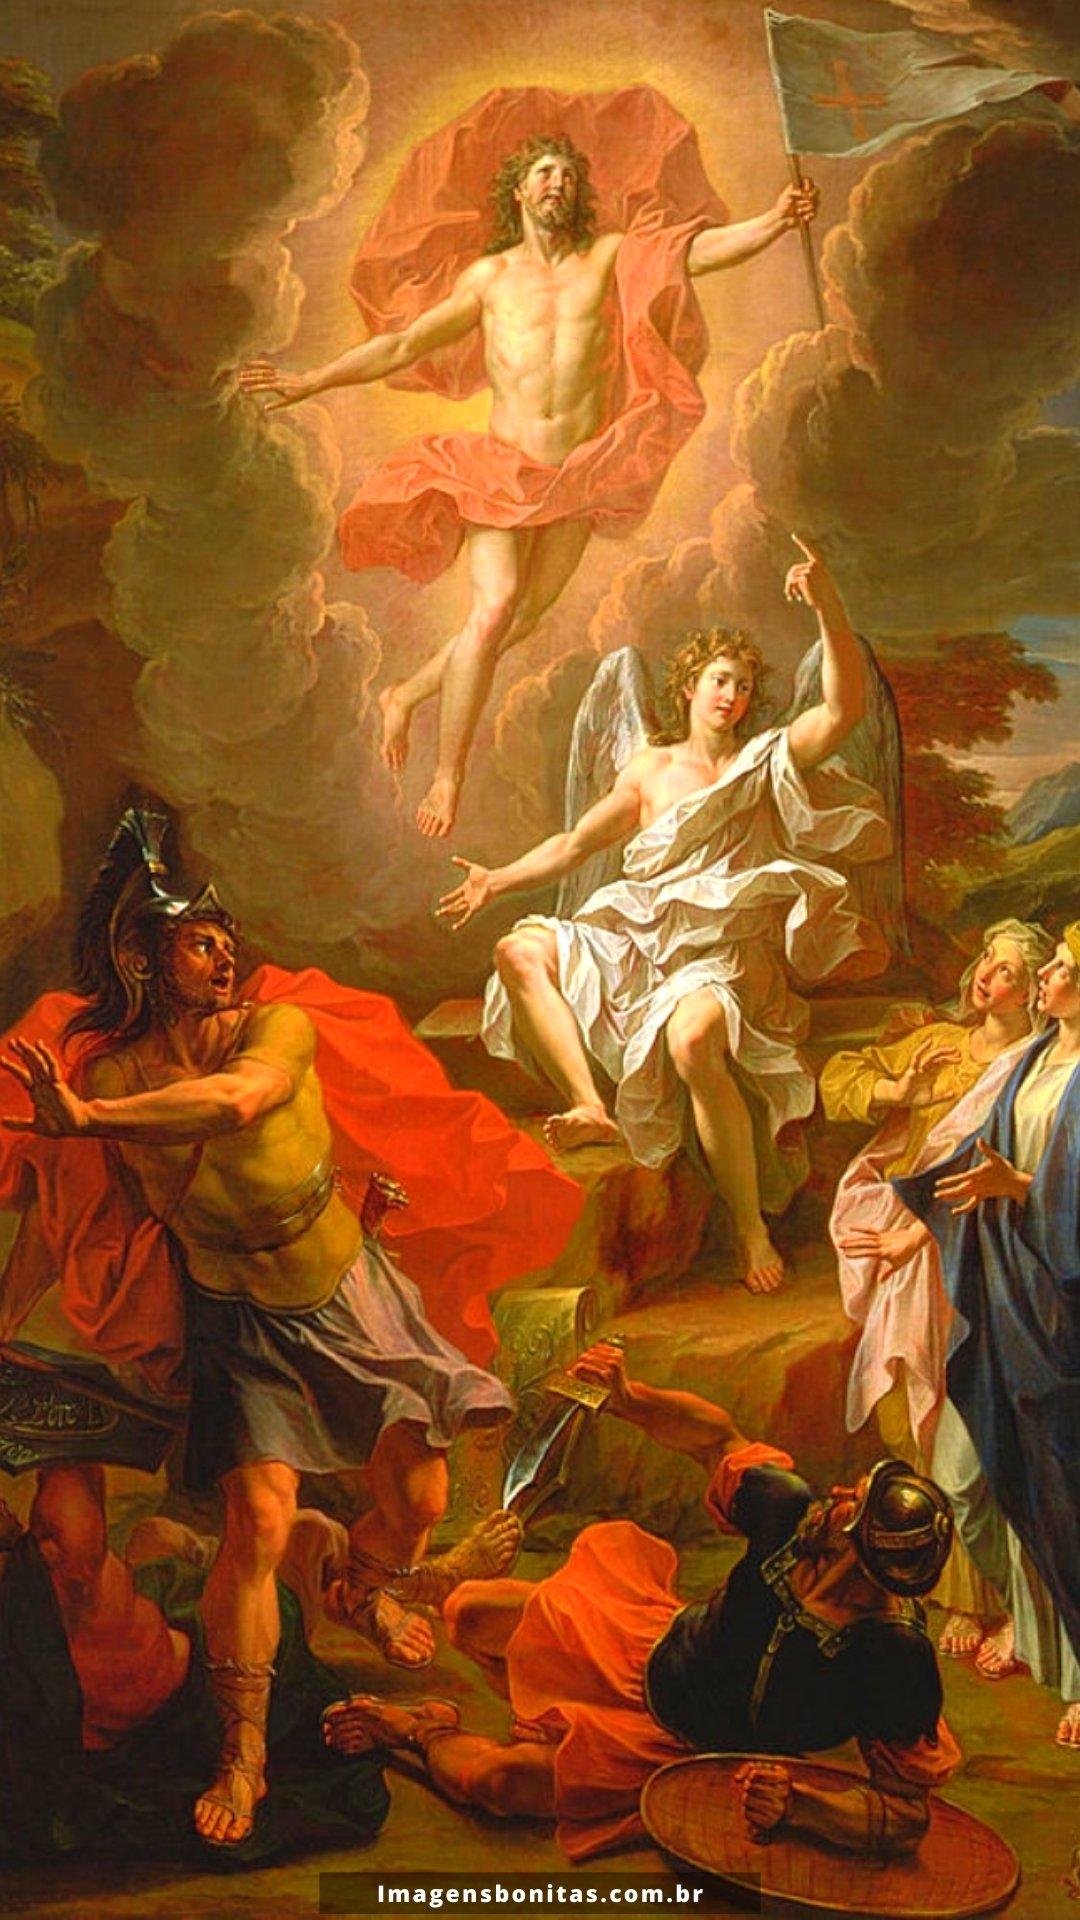 Wallpaper da Ressurreição de Jesus Cristo para celular